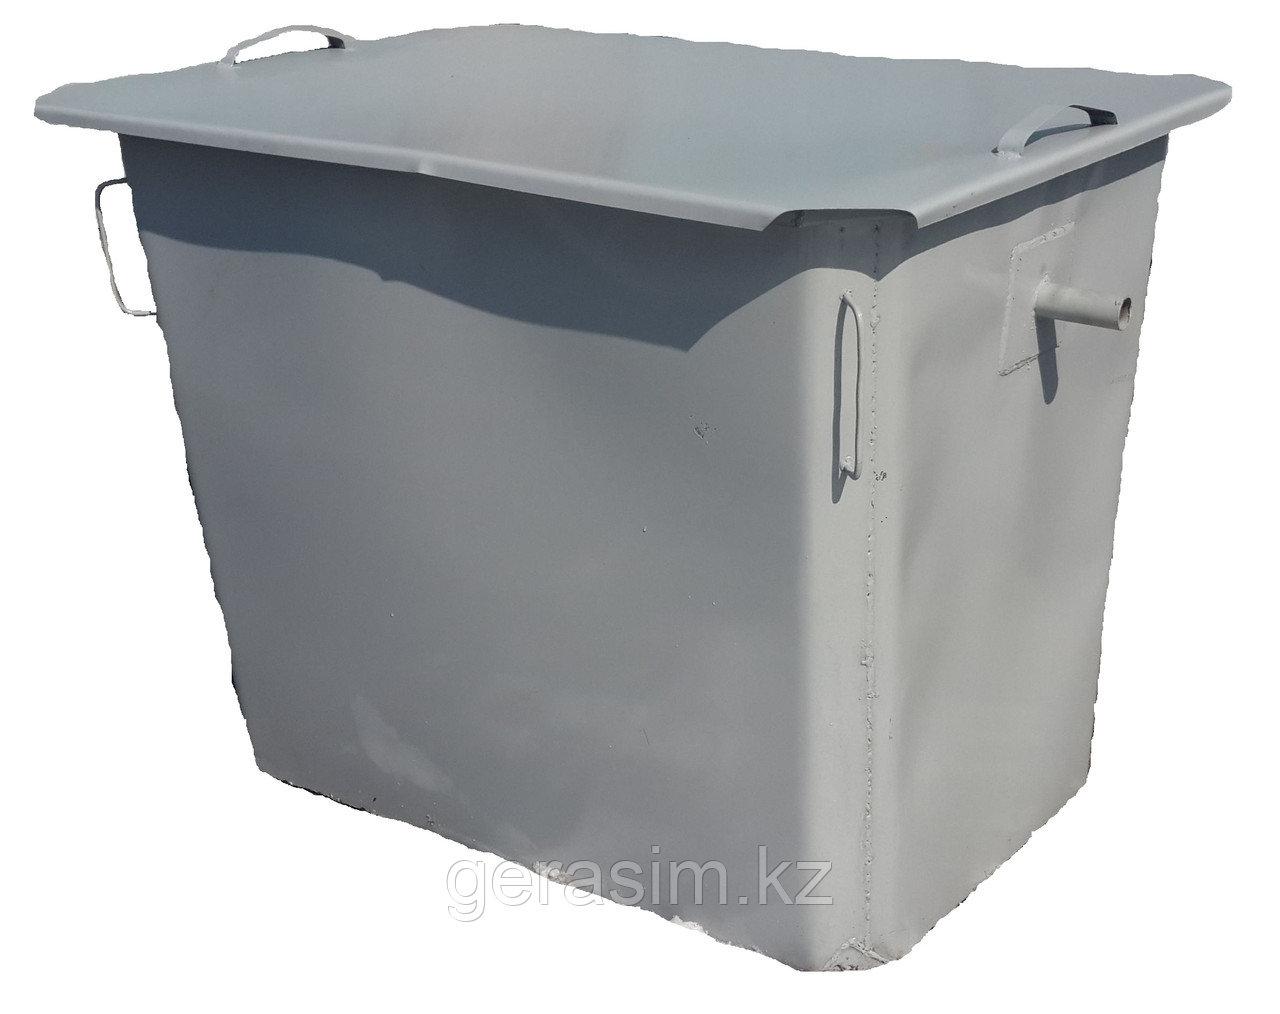 Контейнеры под мусор, баки 1,1 куба с крышкой, без колес (НДС 12% в т.ч.)